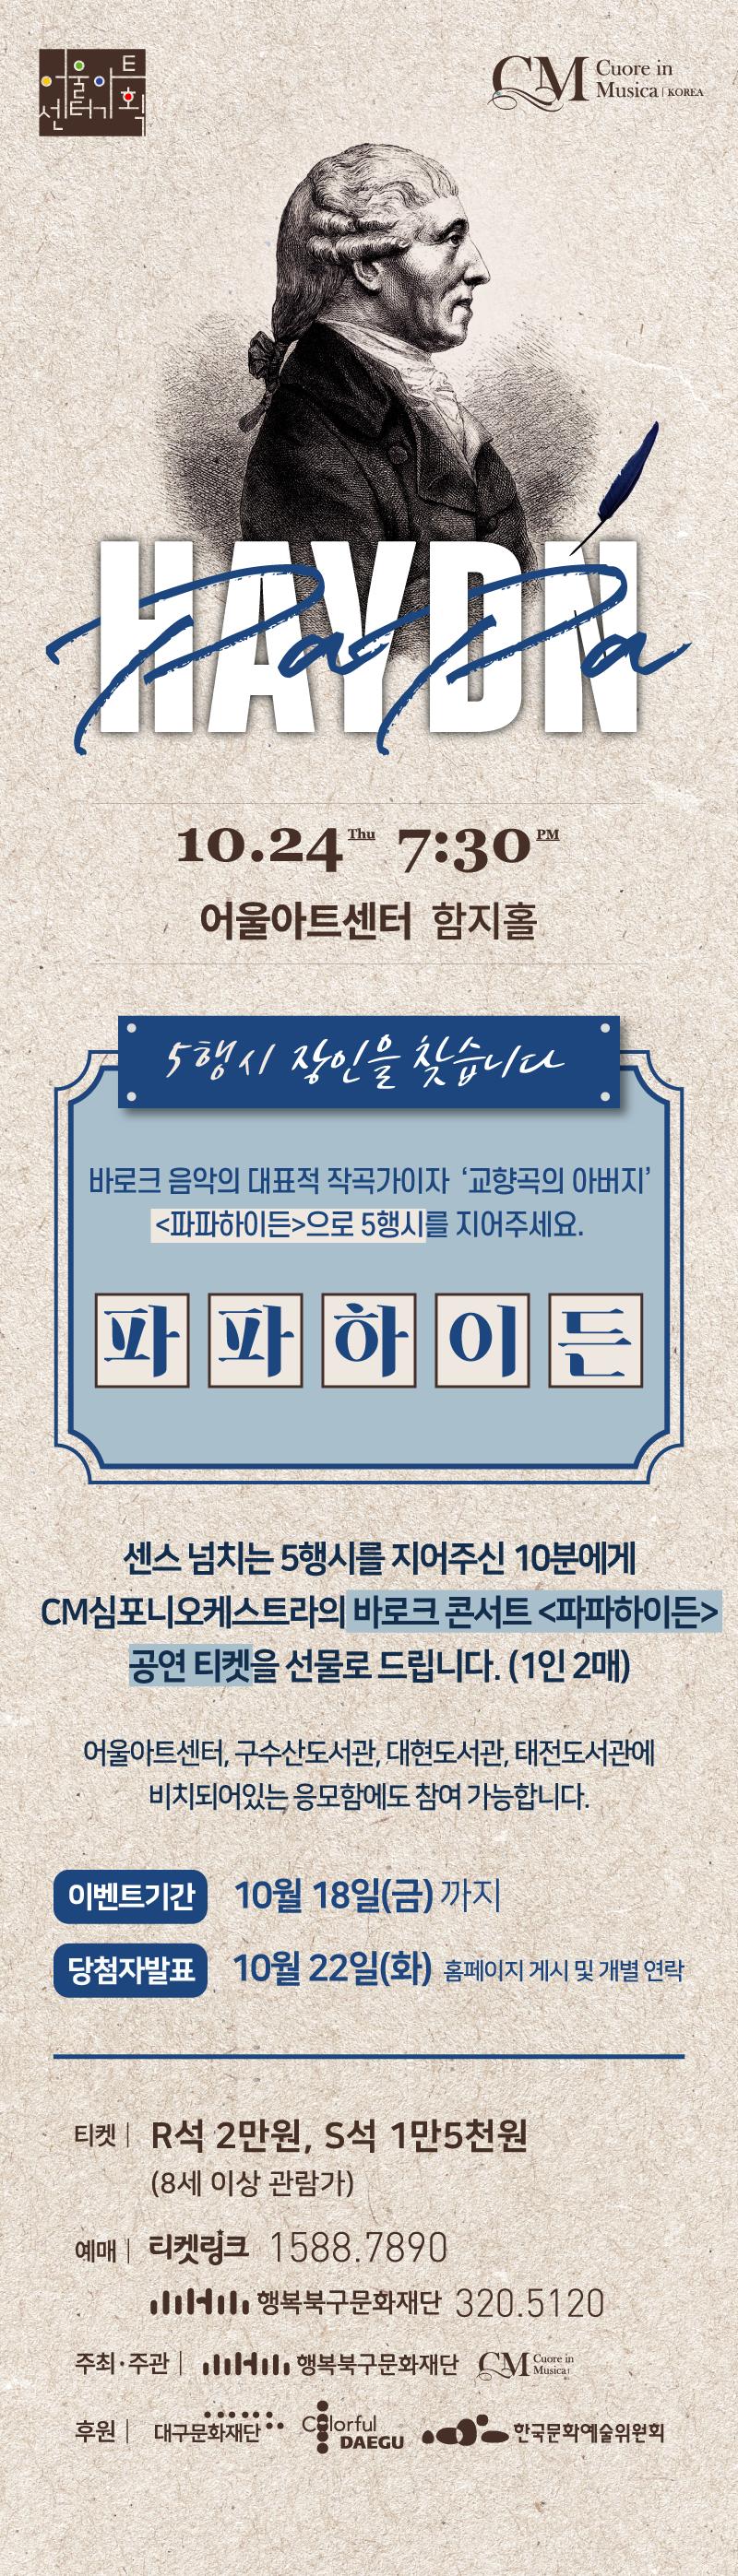 이벤트(파파하이든).png